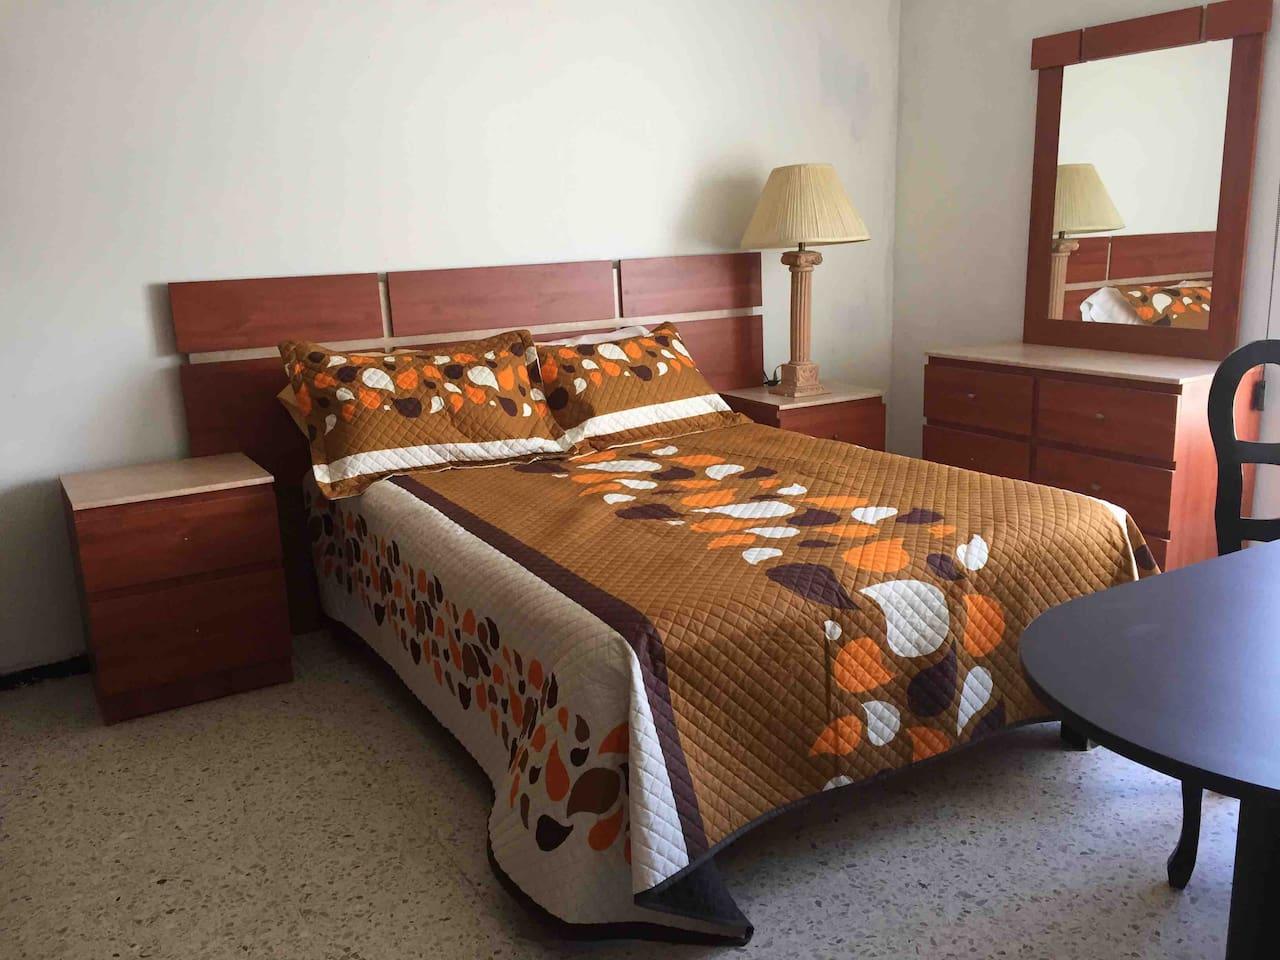 Cómoda Habitación amueblada con una cama matrimonial, tocador, closet, dos sillas y un ventilador de techo para que su estancia sea refrescante en tiempo de calor, baño completo exclusivamente para esta habitación